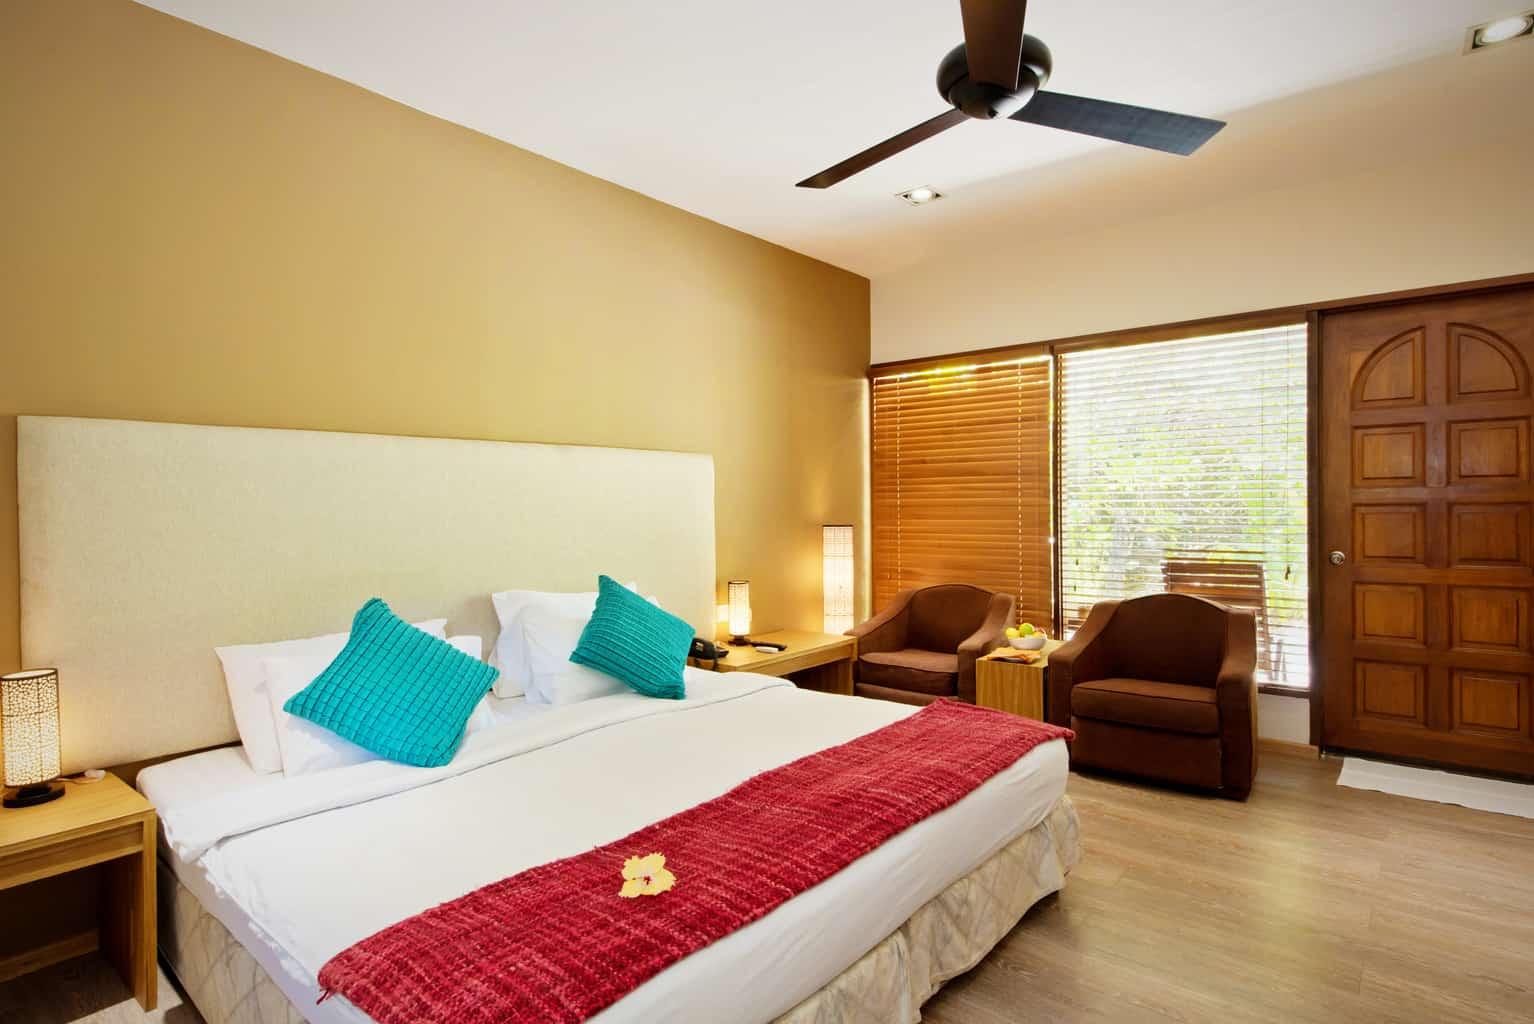 Maldives Diving Holiday Eriyadu Island Resort Room View